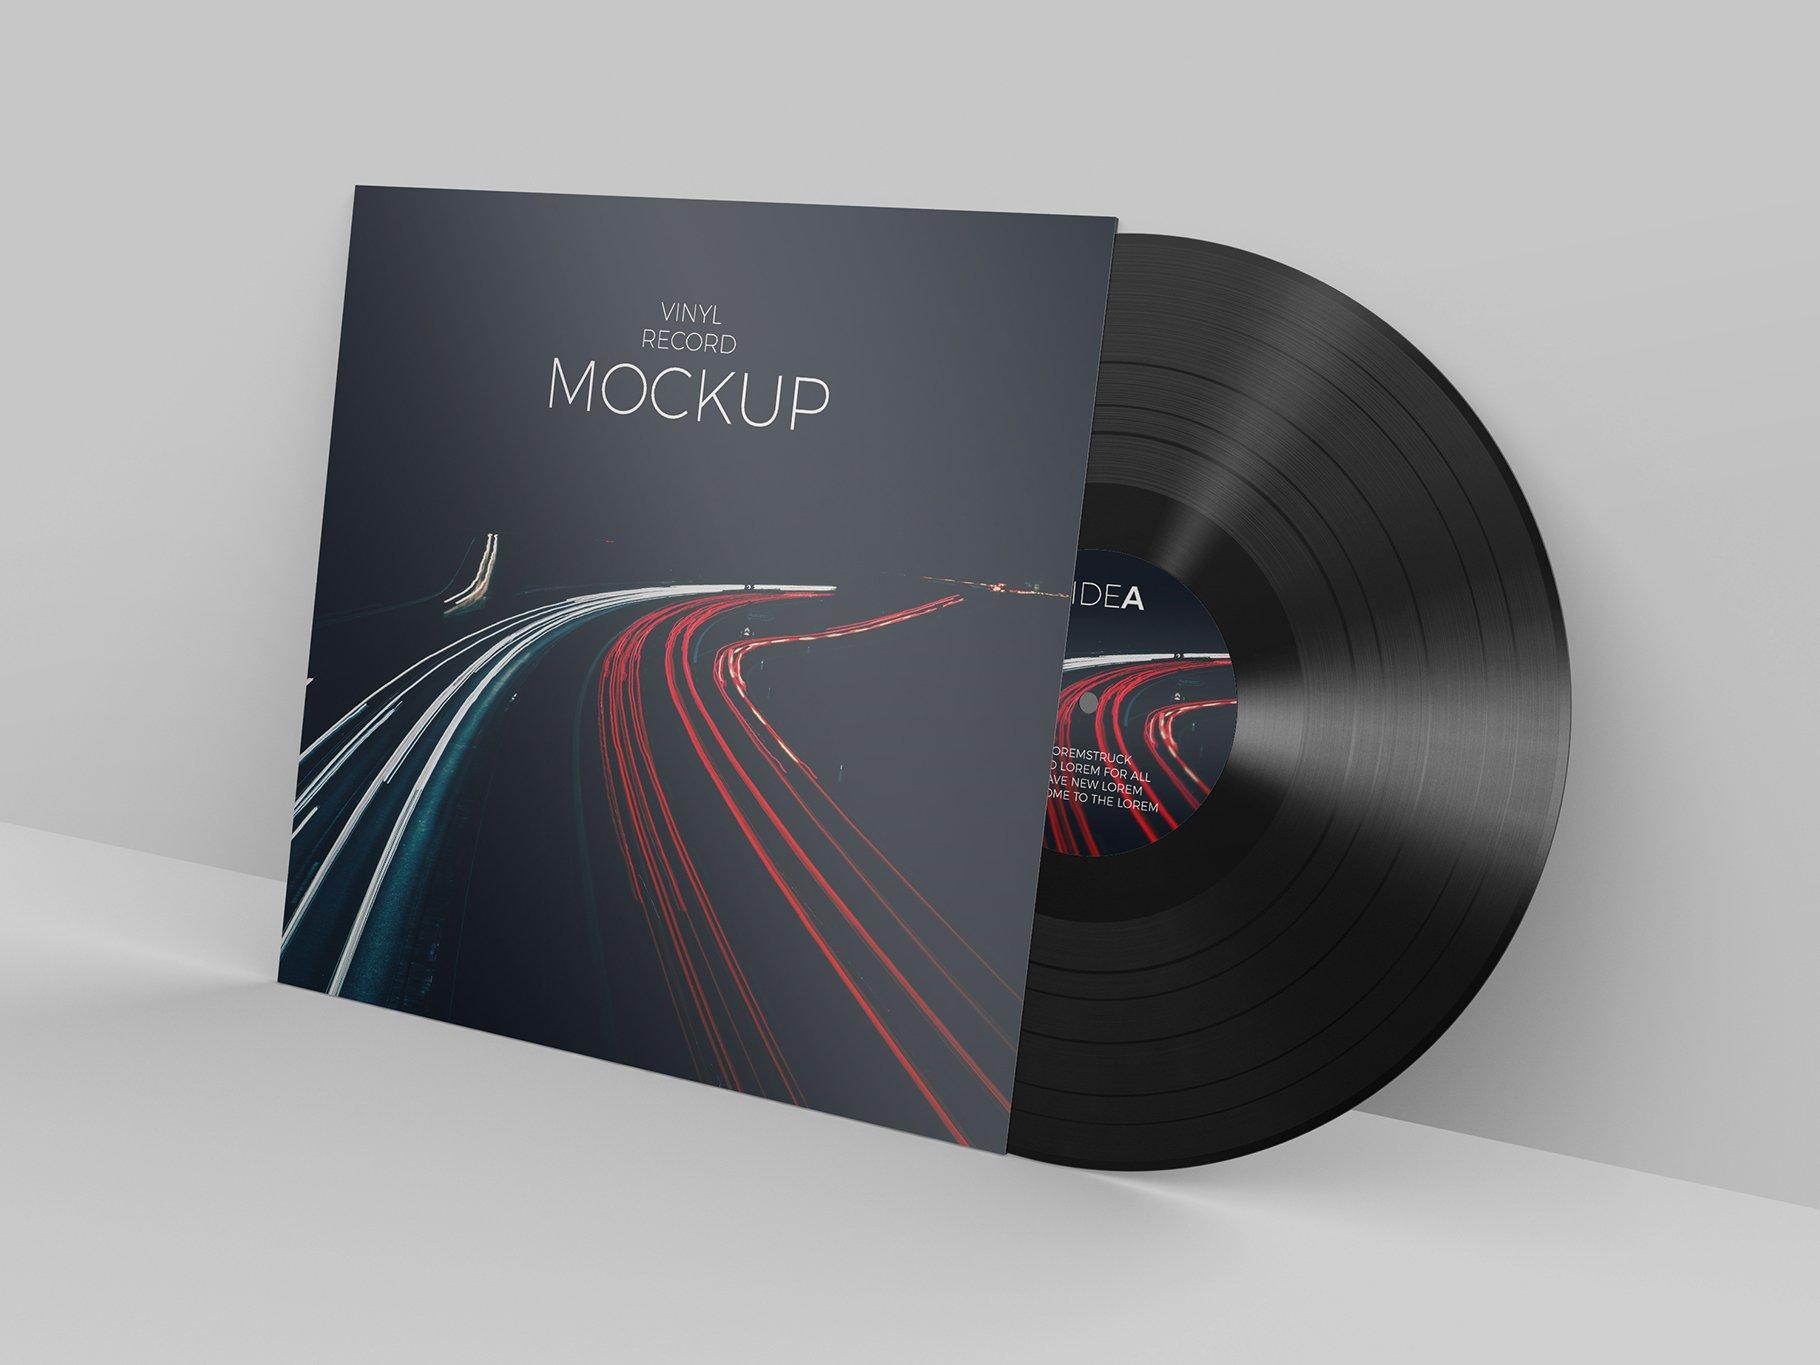 12个逼真黑胶片包装设计PS智能贴图样机模板 Vinyl Record Mockup插图3